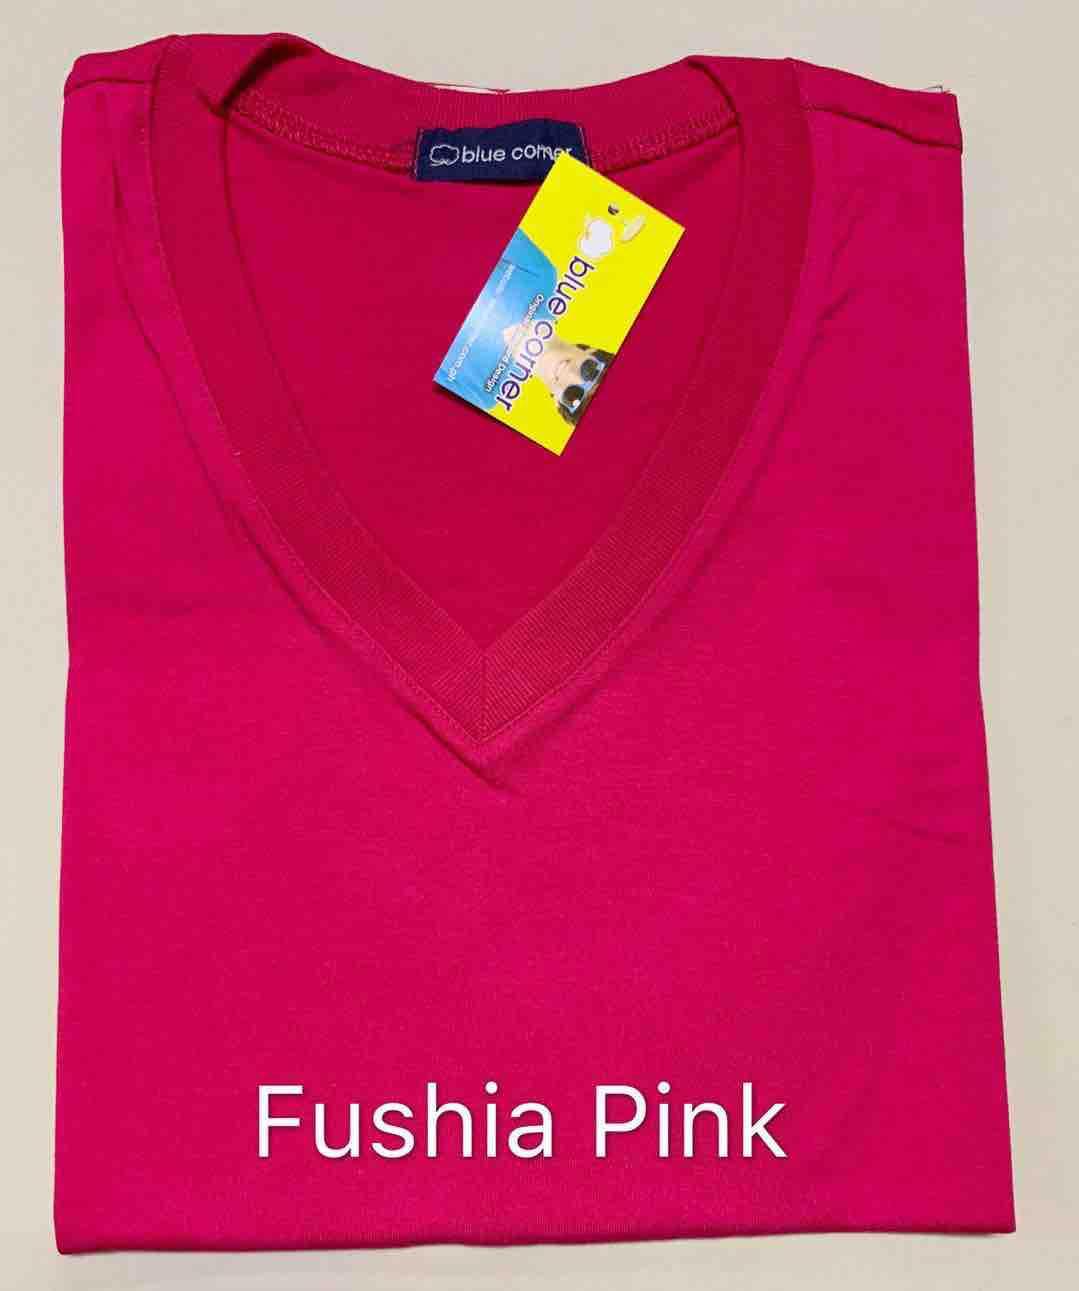 Blue Corner V-NECK T-shirt FUSHIA PINK